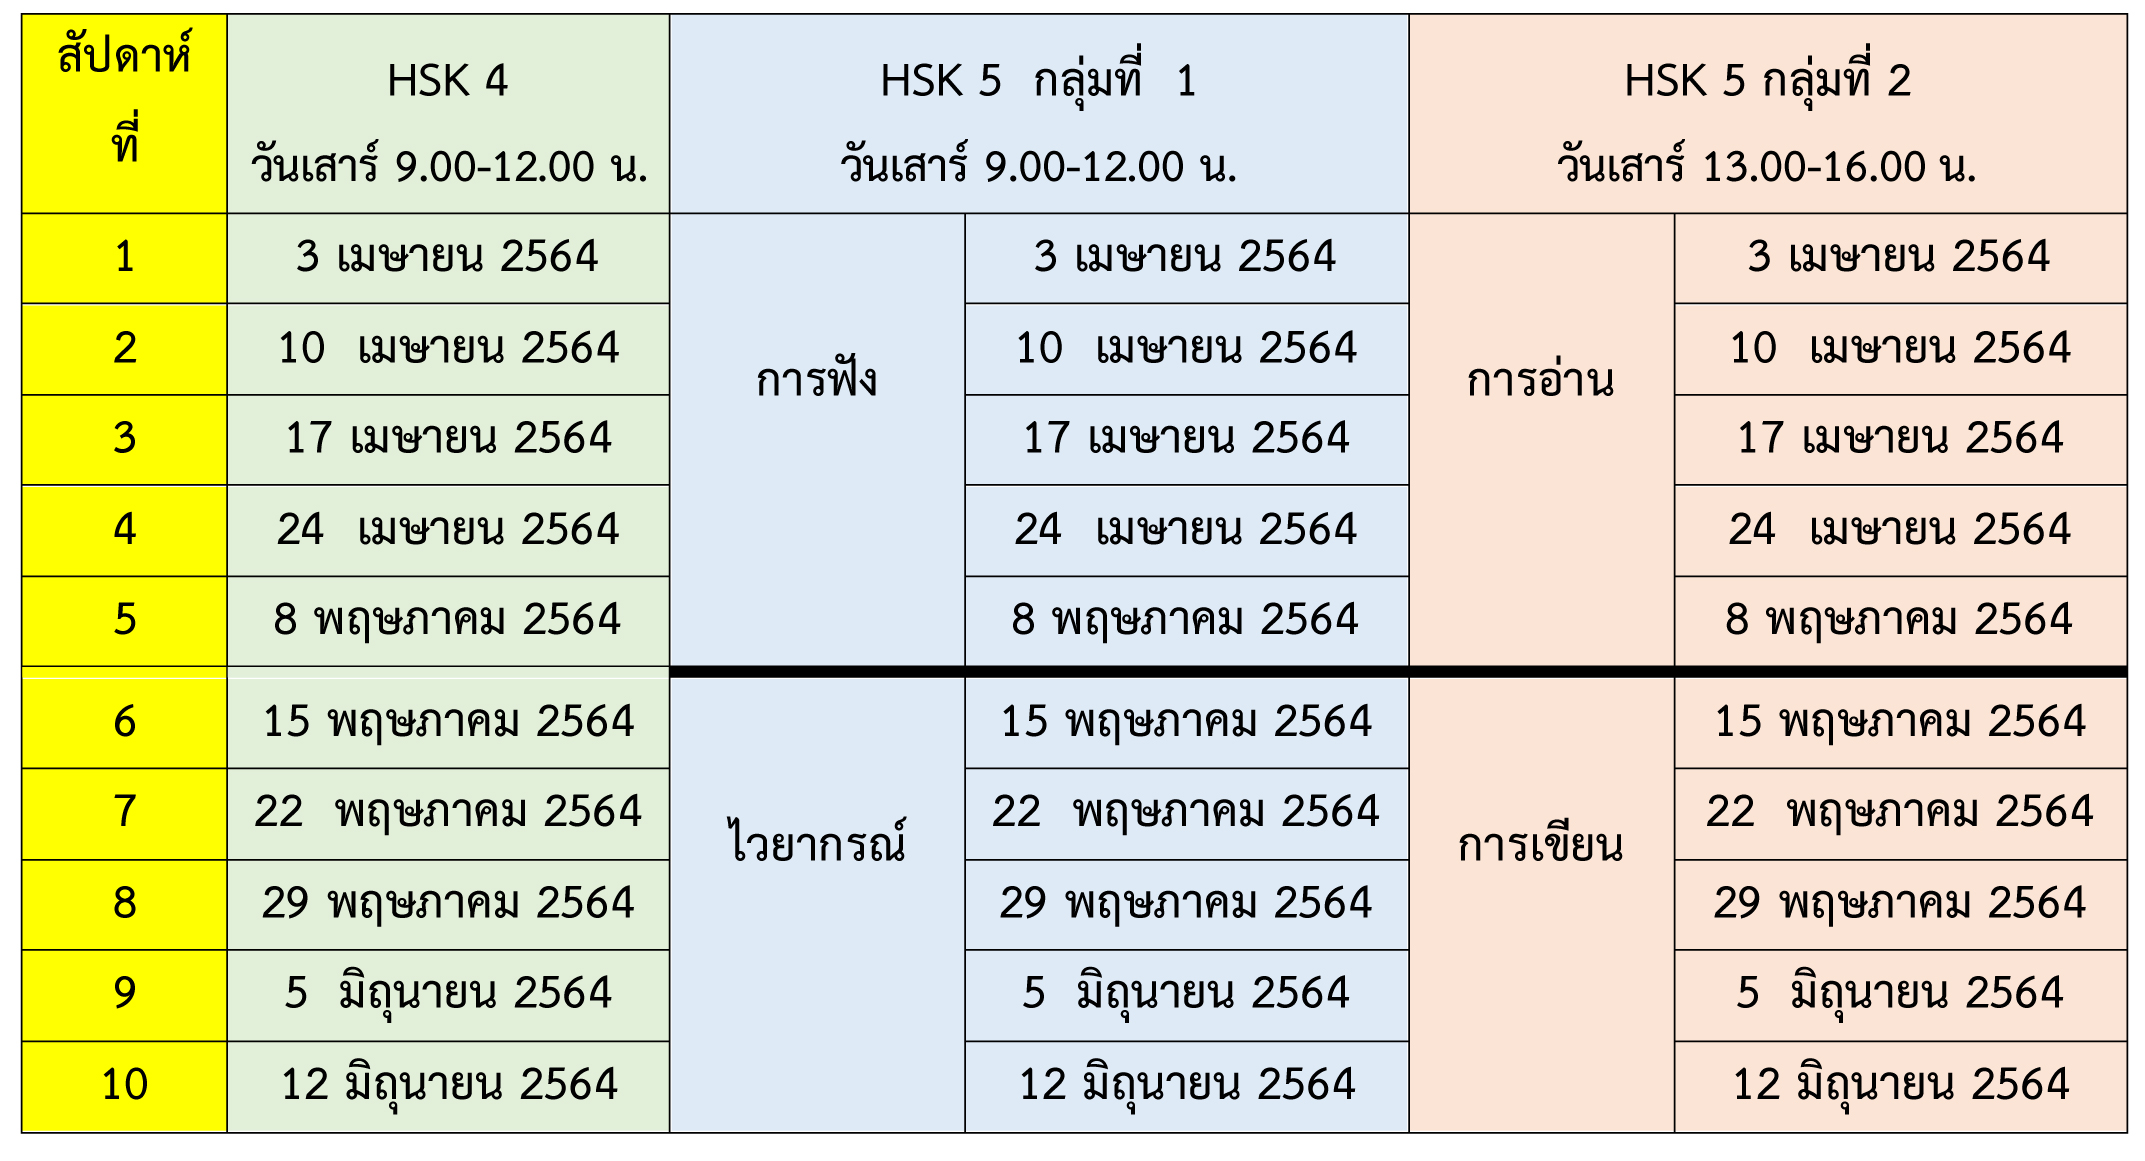 ตารางเรียนหลักสูตรเทคนิคเตรียมสอบ HSK 4 และ HSK 5